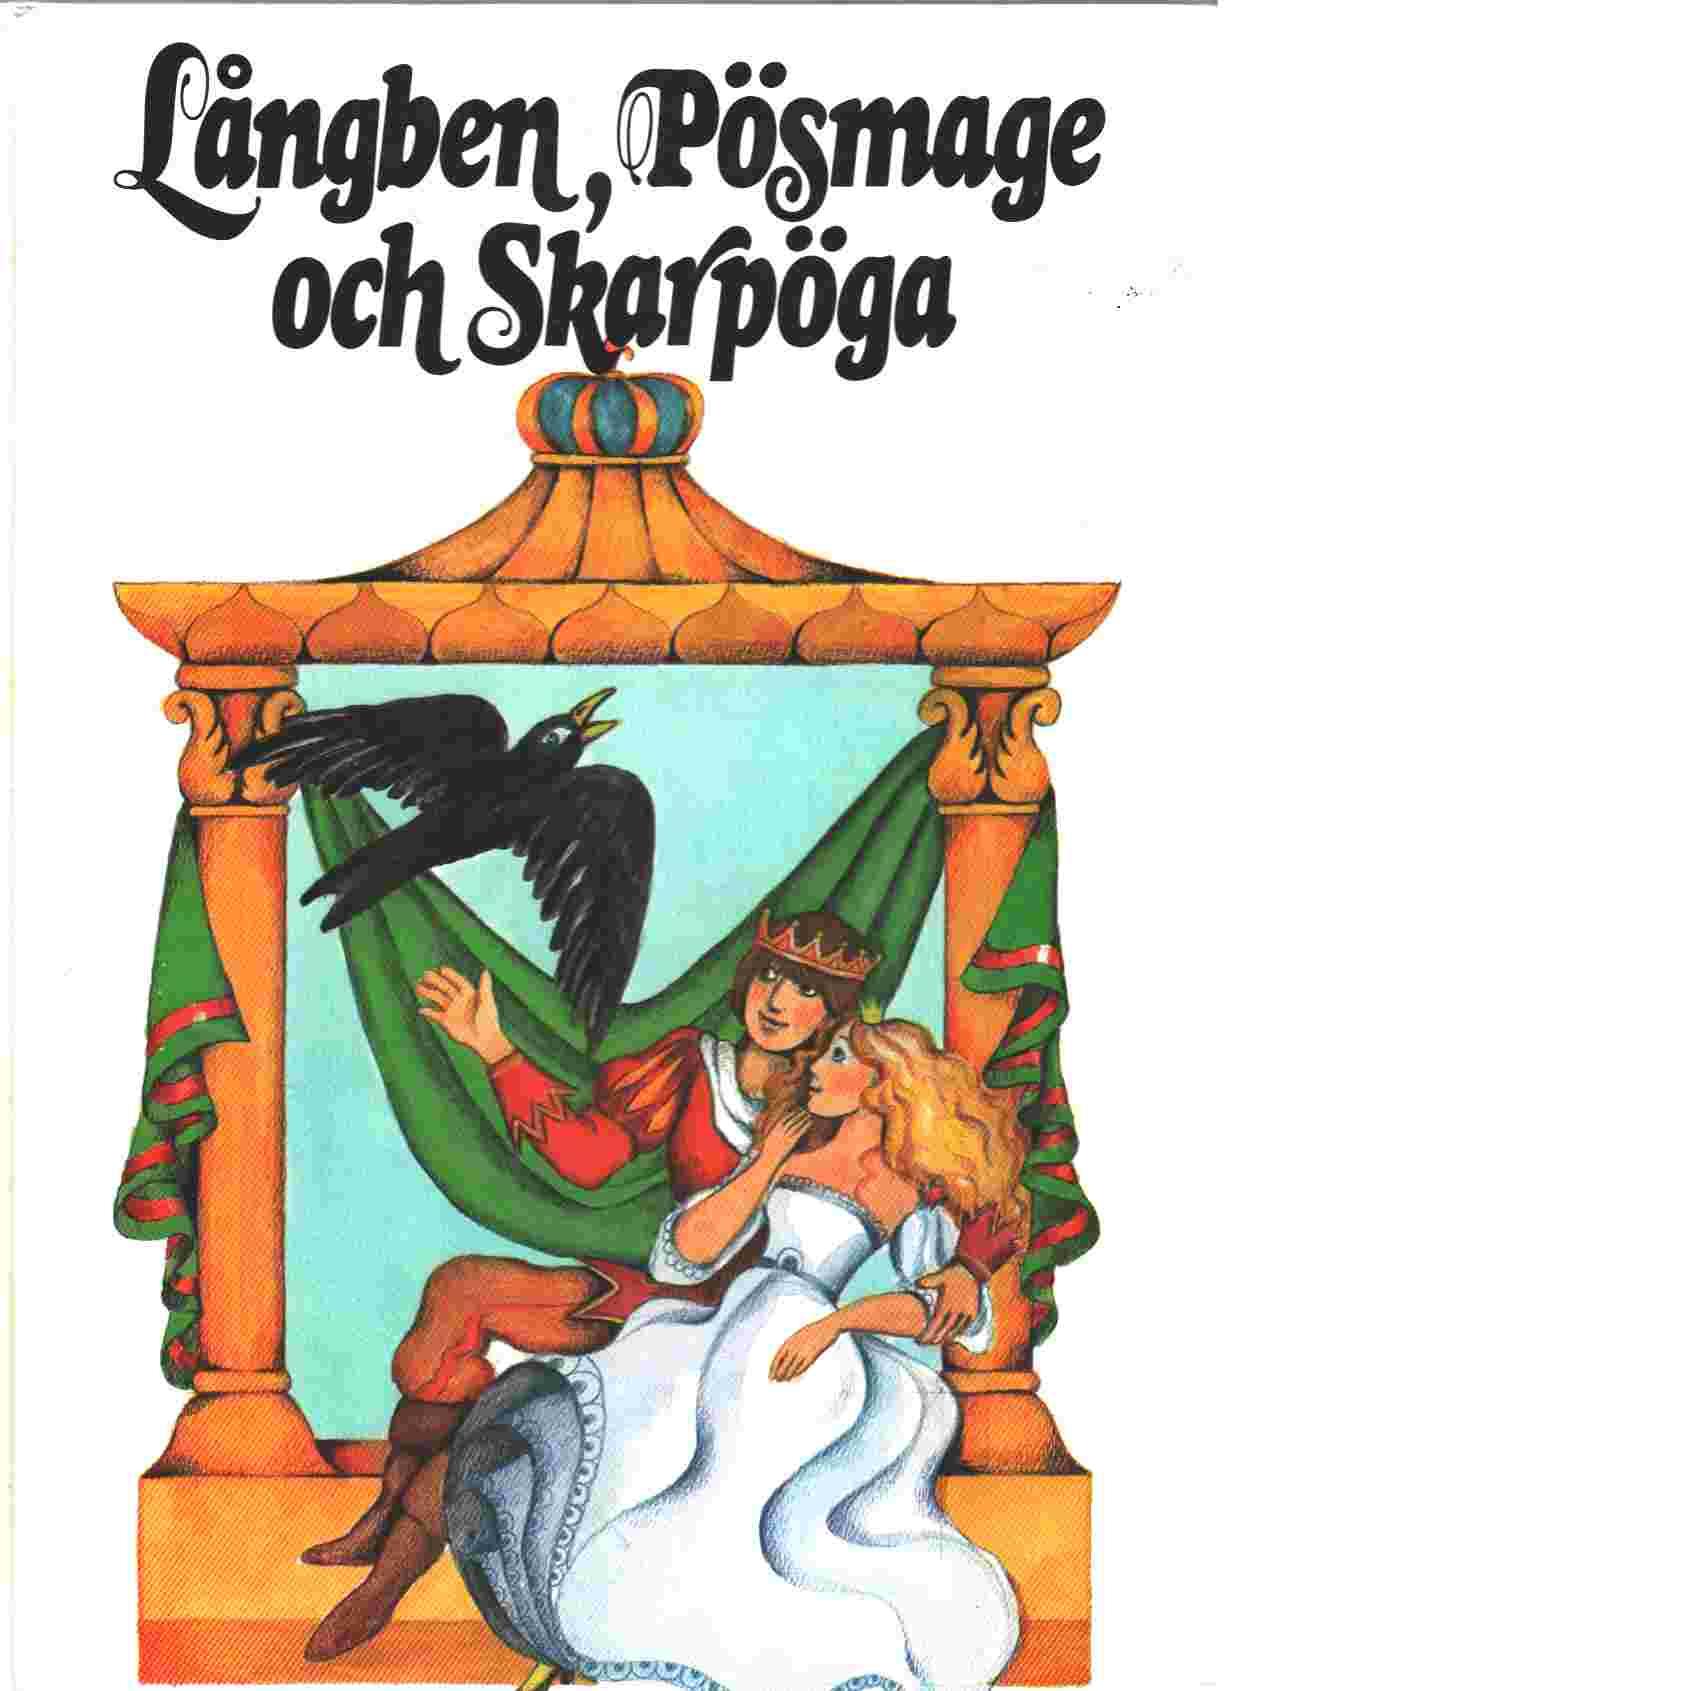 Långben, Pösmage och Skarpöga - Schweiss, Petra